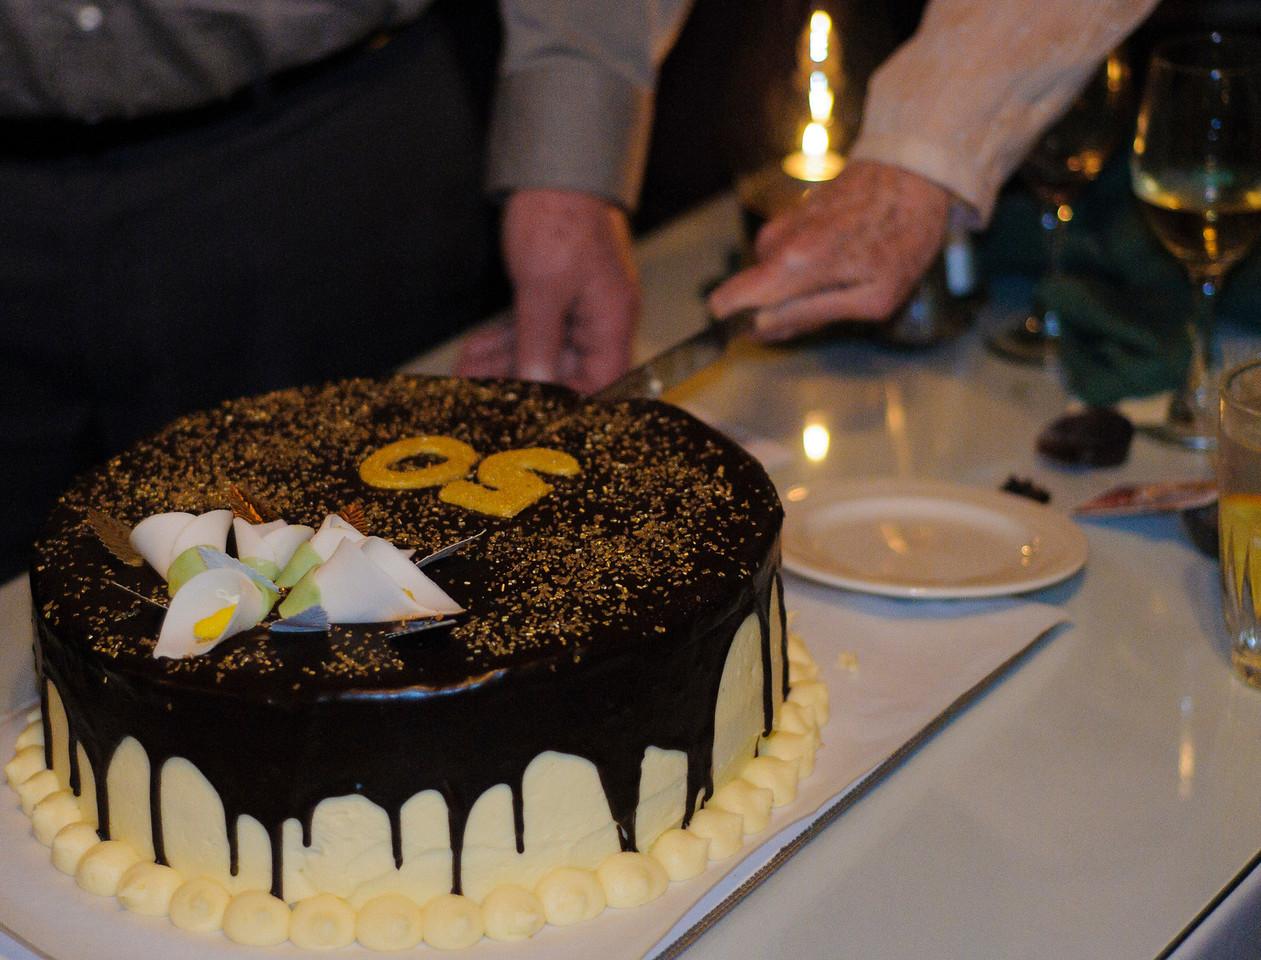 12_02_10 andrews anniversary 0071